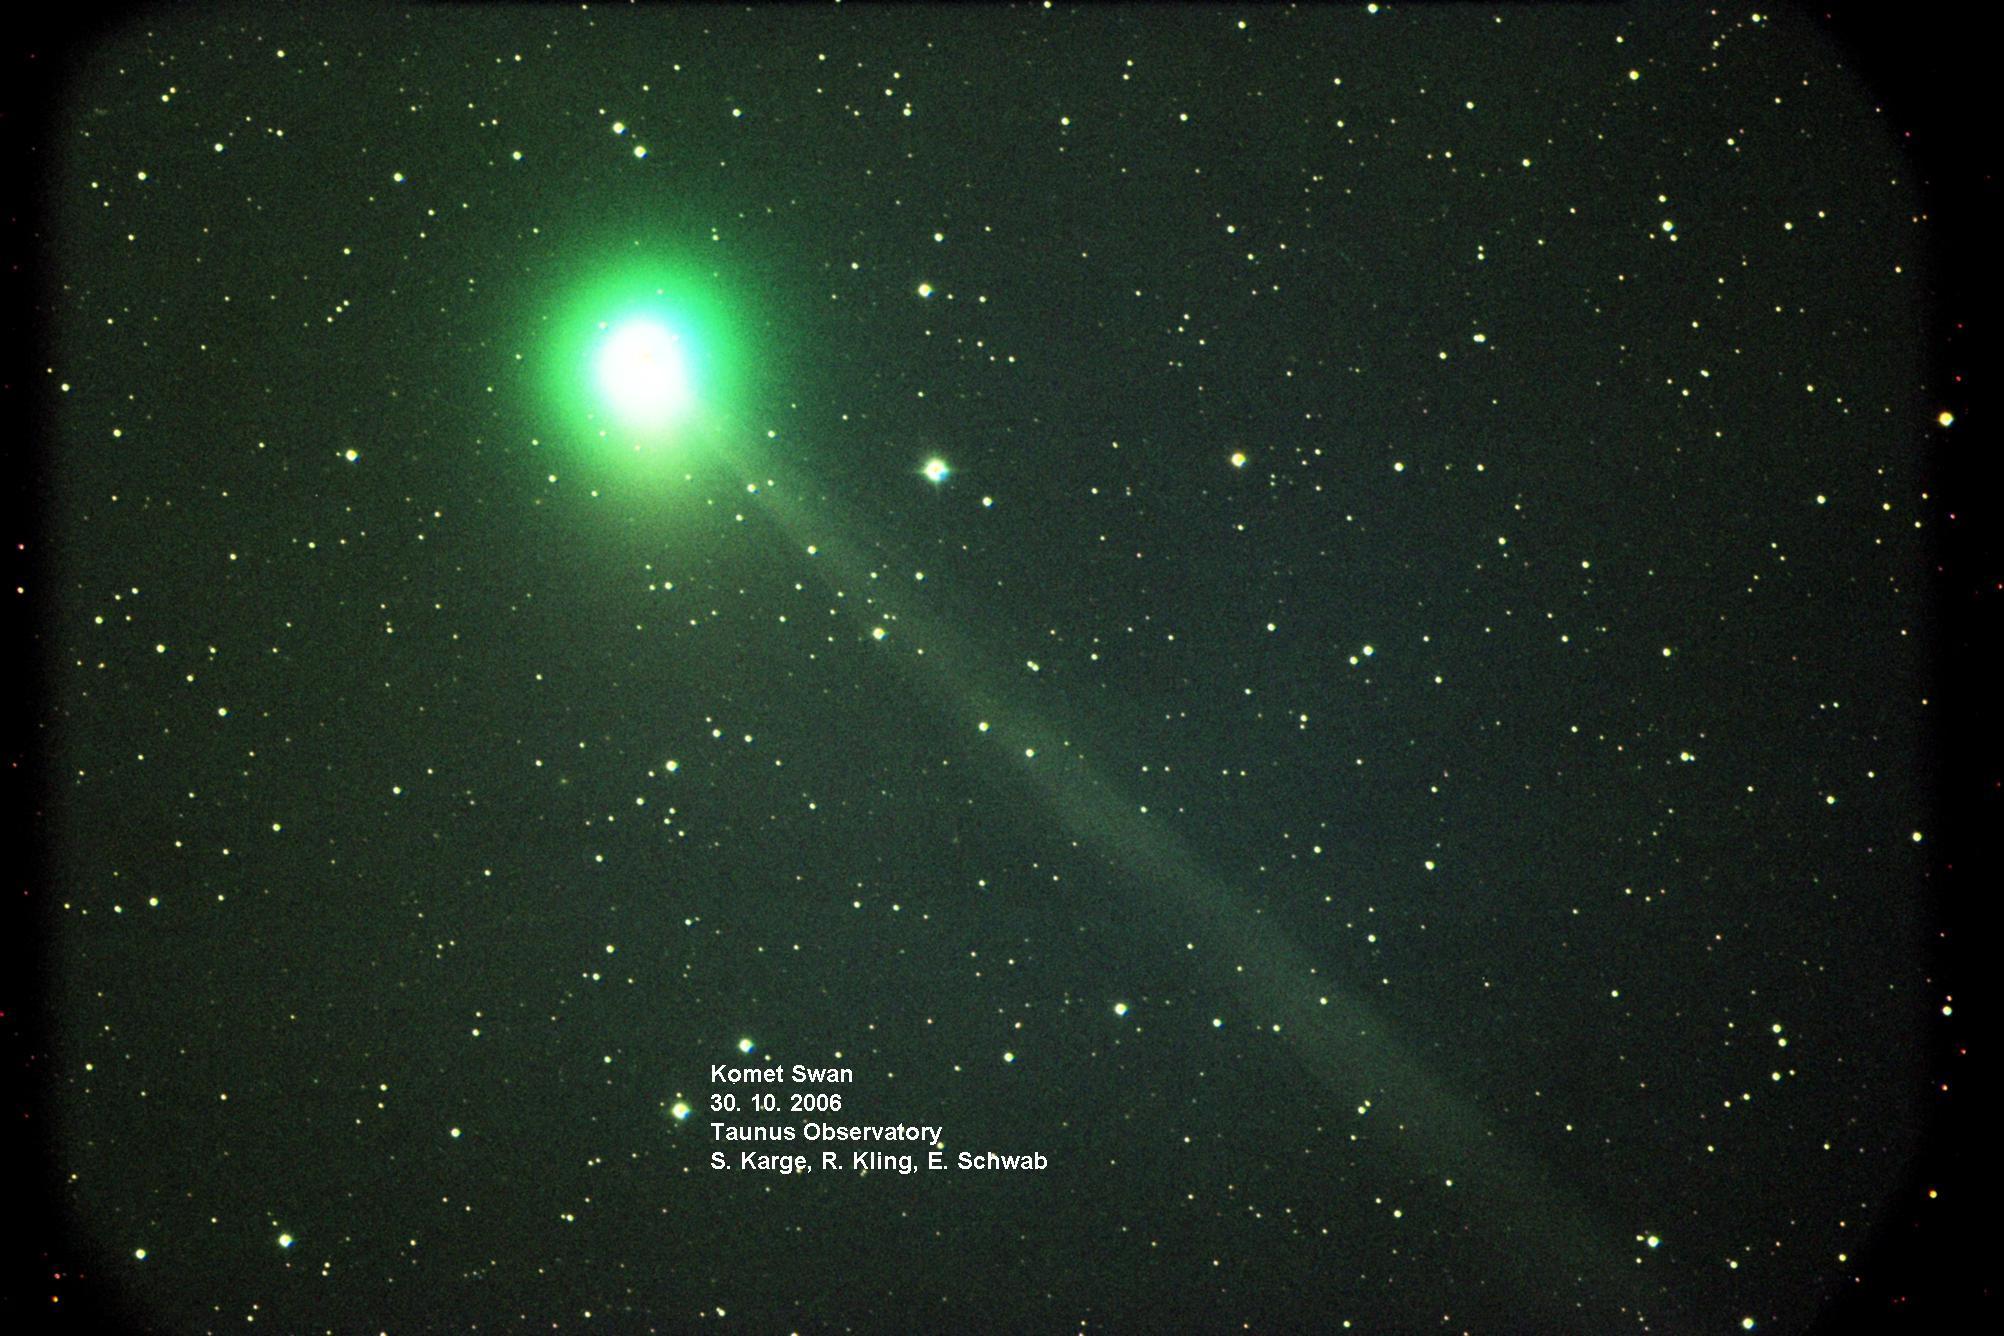 Komet Swan am 30.10.2006 mit 0,6m-Cassegrain und SBIG STL 11000M